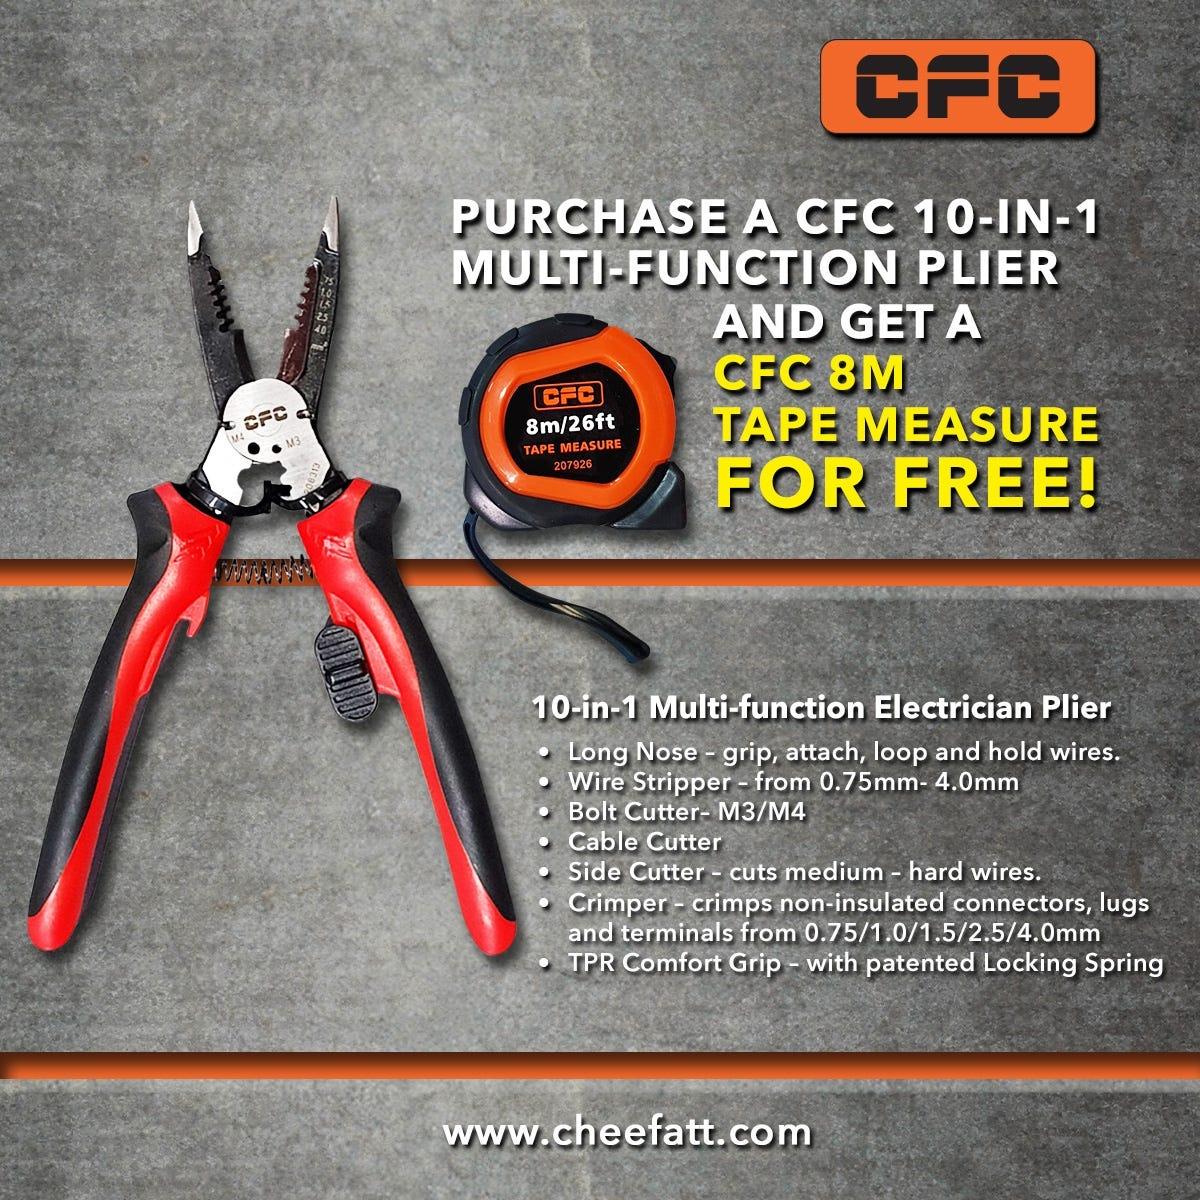 CFC 10-in-1 Promo